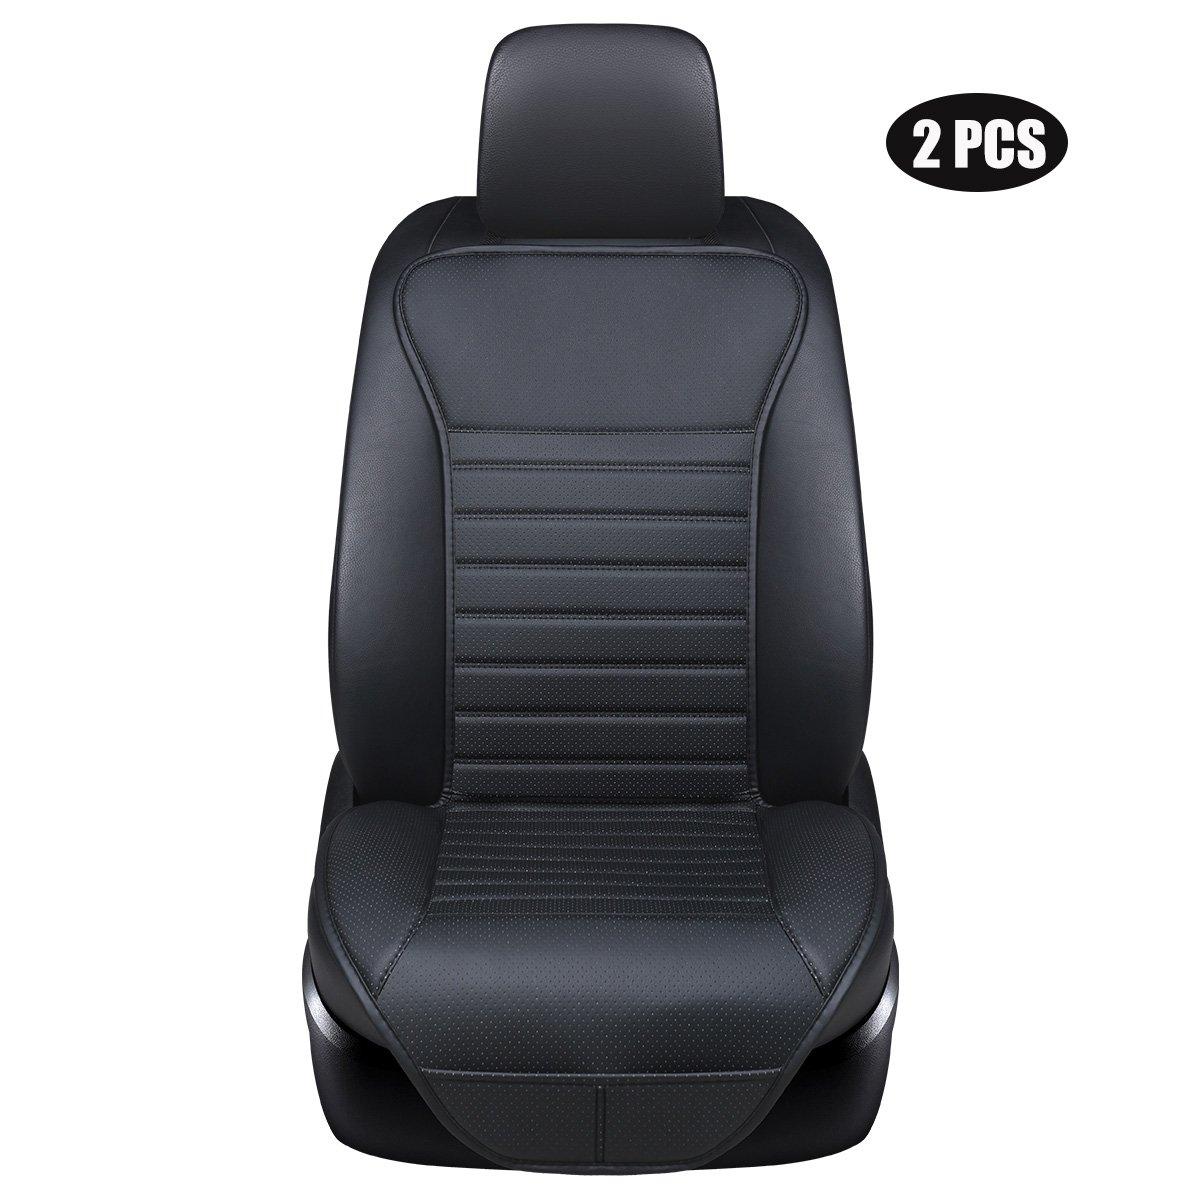 EDEALYN ( 2個入り)ドライバーと助手席シートカバーPUレザーシートカバーユニバーサルカーシートカバーフロントシートプロテクターフィット最もセダン&トラック& SUV QJ-JJ0142-Black(2) B0791HXP1P 2 PCS Black - no charcoa 2 PCS Black  no charcoa